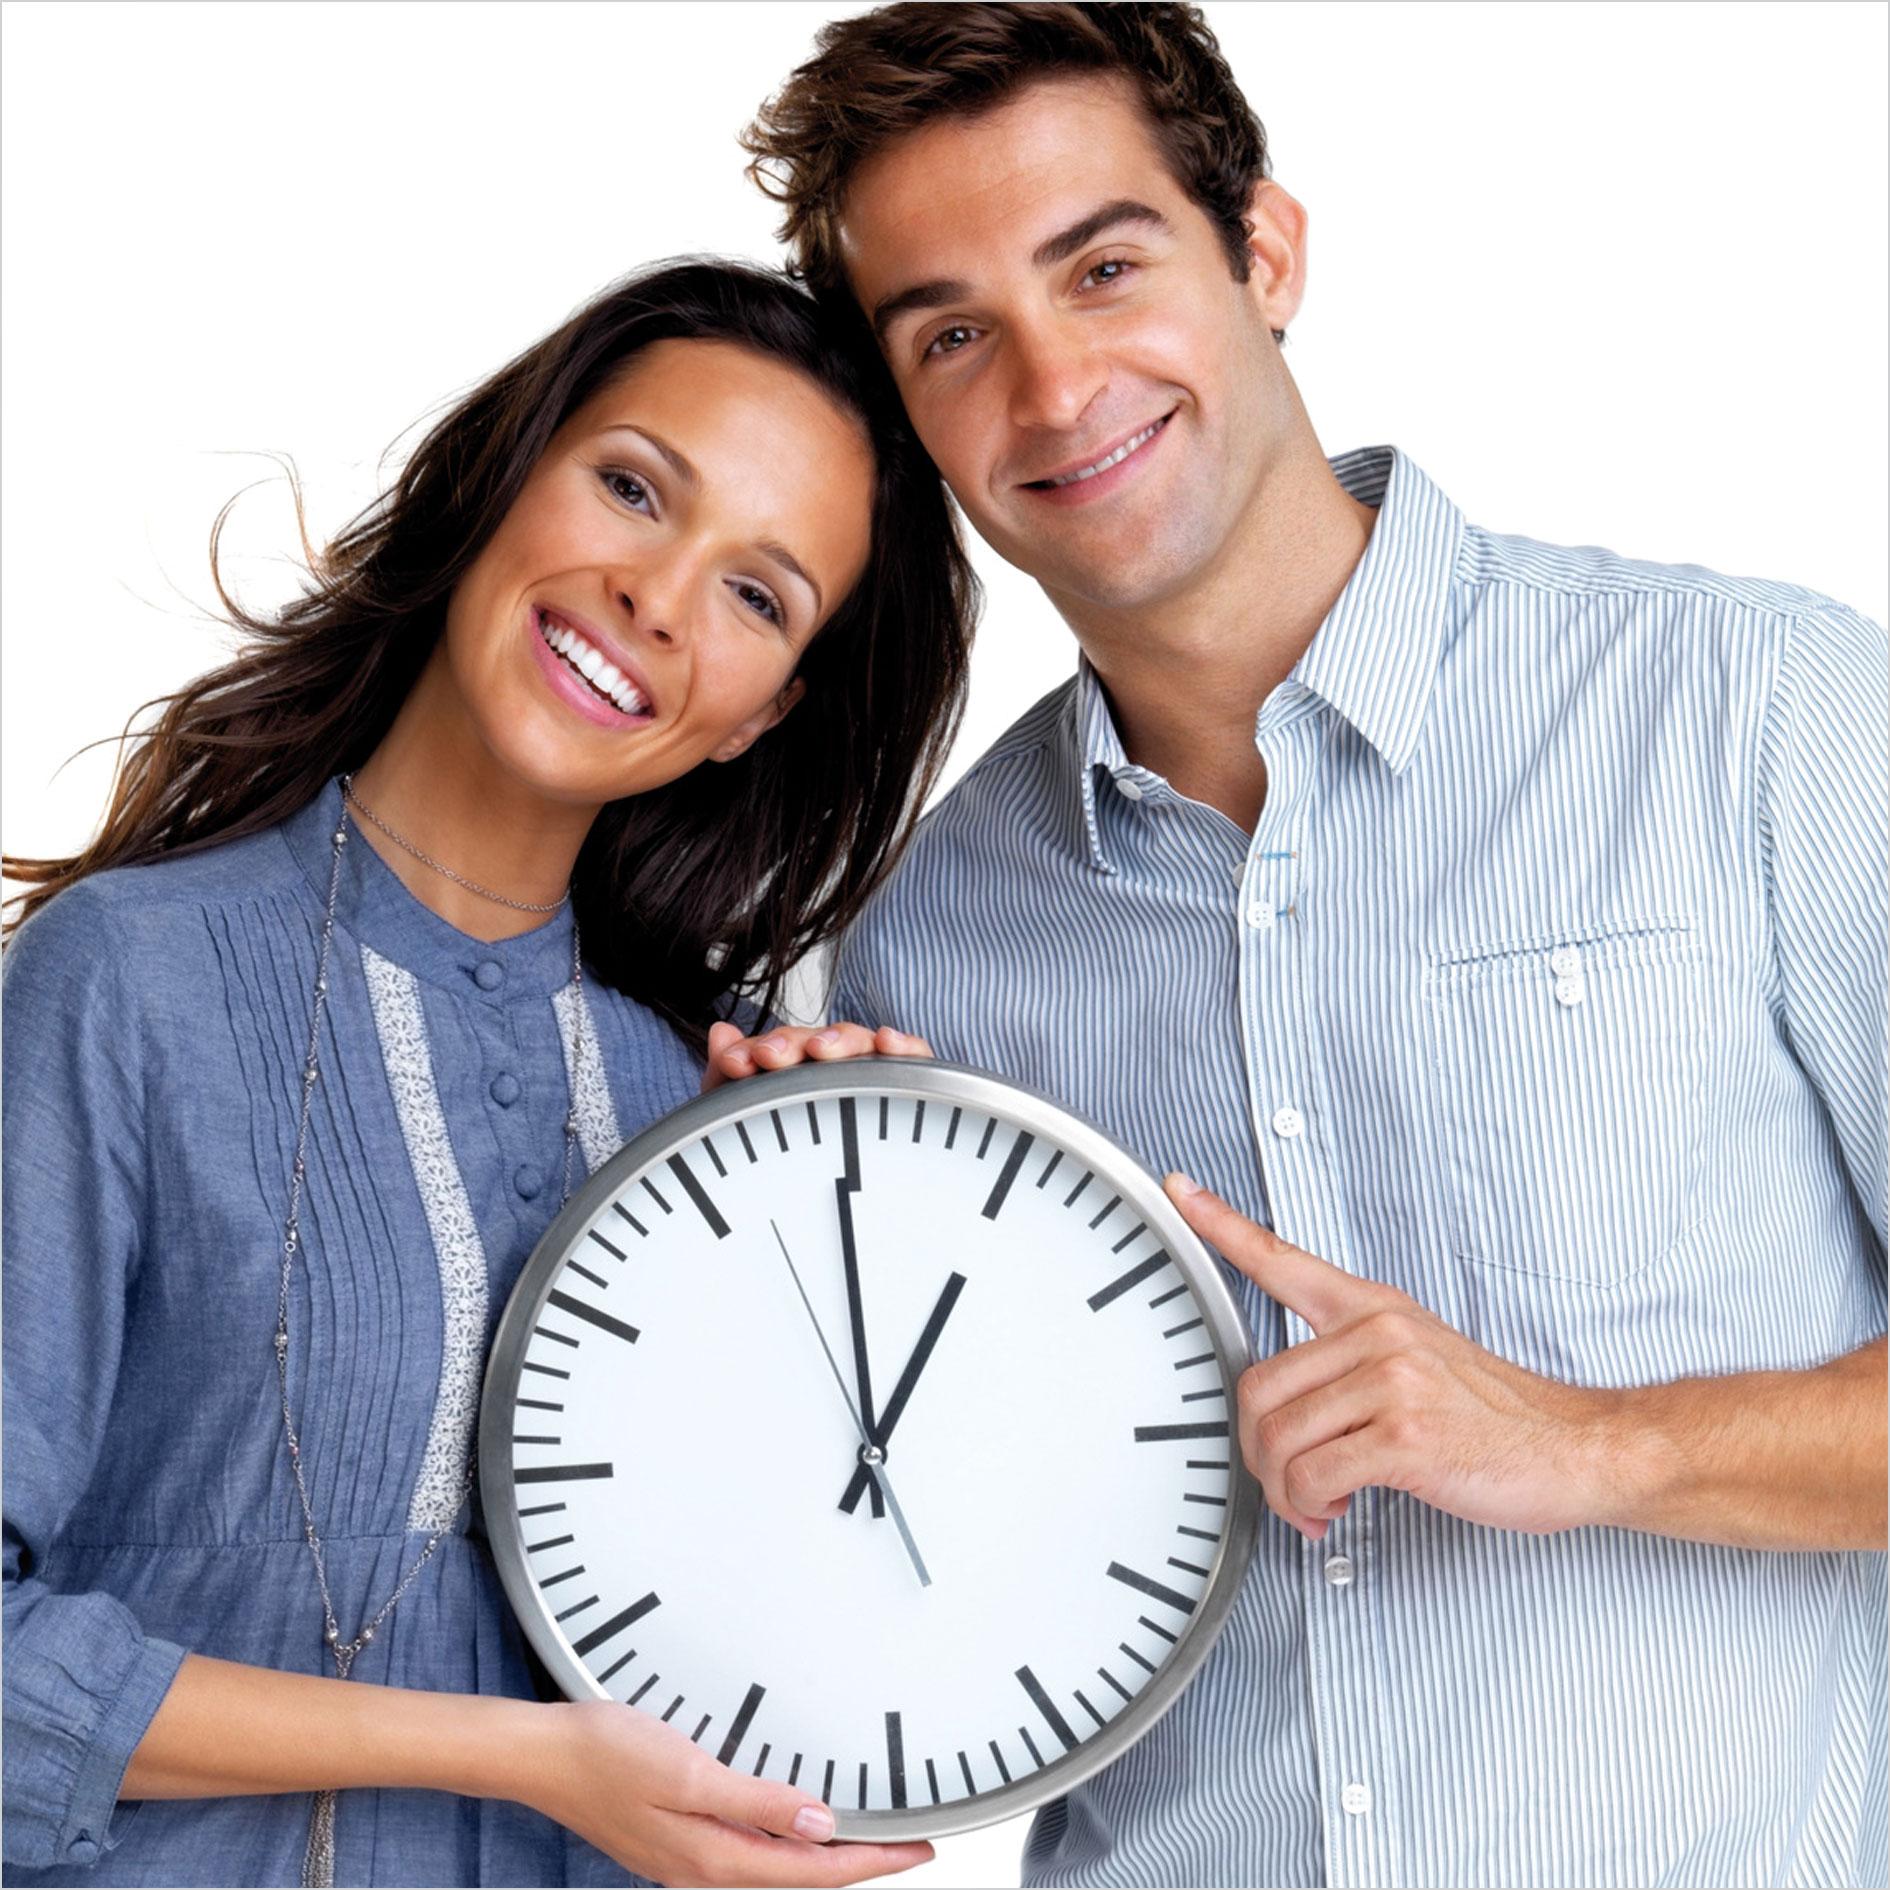 Mann und Frau mit Uhr in Hand lächeln